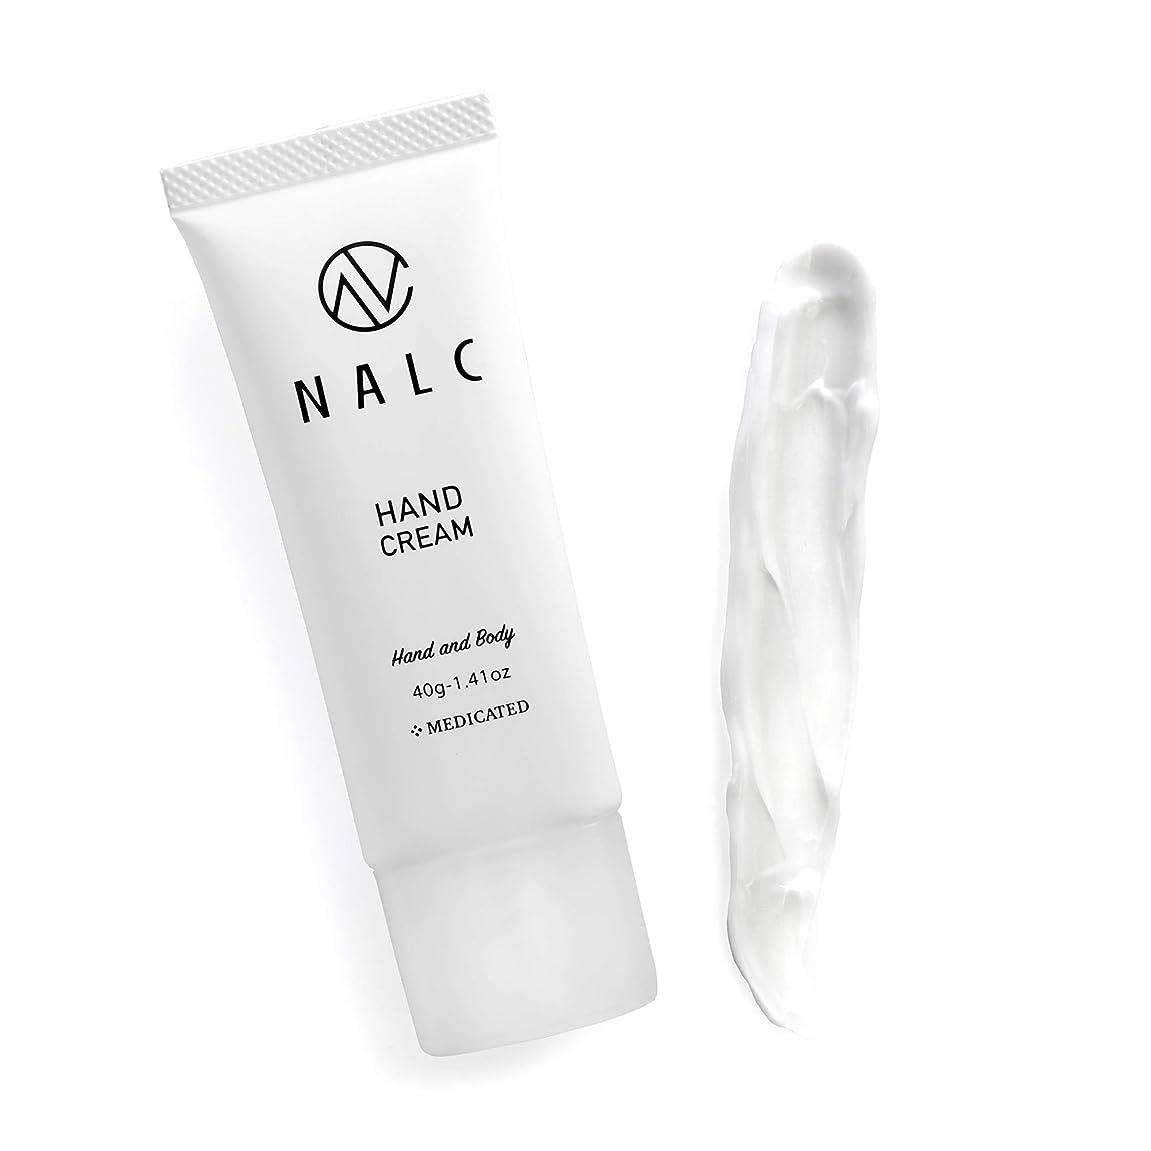 上恥ずかしい衰えるNALC ヘパリン ハンドクリーム 【乾燥肌の救世主-ヘパリン類似物質 配合- 手荒れ を防ぐ/乾燥 に負けない】薬用 40g 【全身に使えるから-ボディクリーム 顔用 クリーム としてもオススメ】ニキビ 肌荒れ を防ぐ 乾燥肌 敏感肌